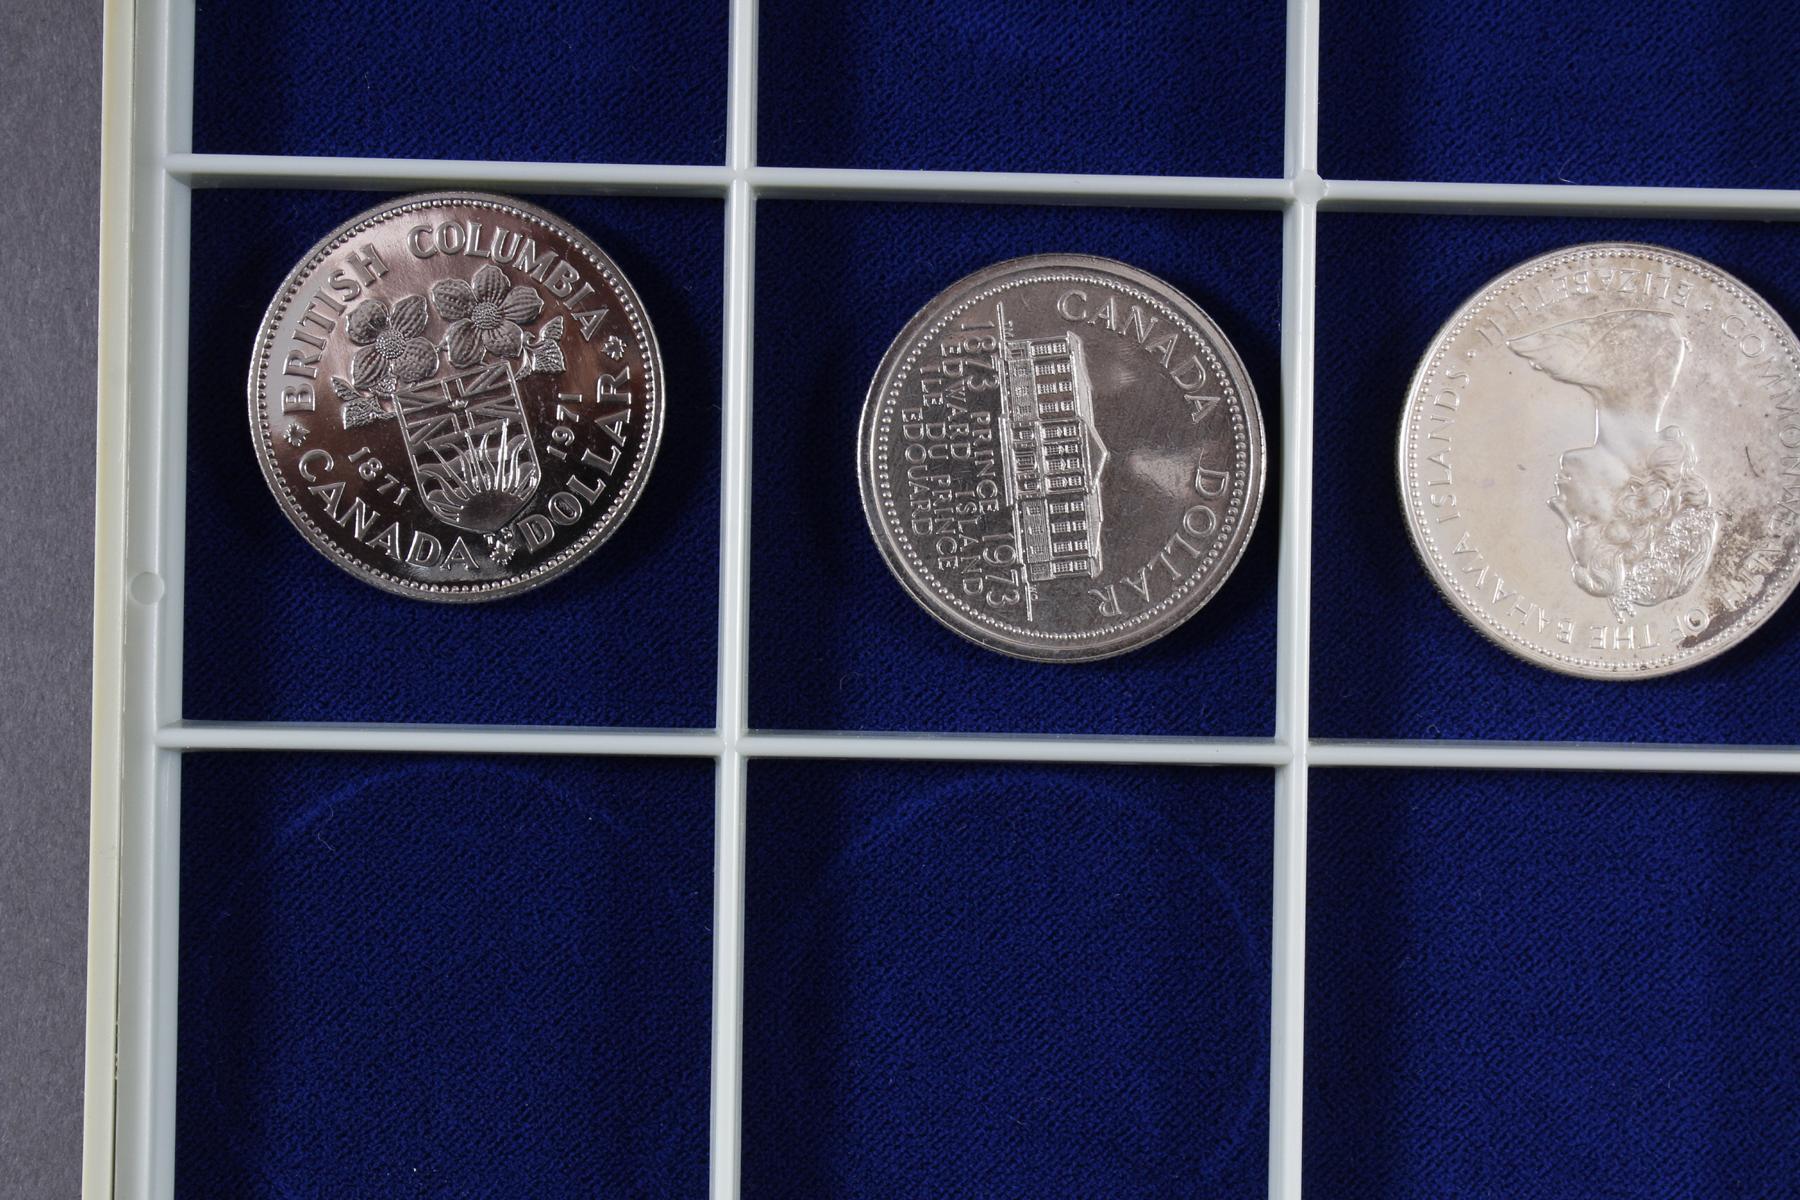 Konvolut Münzen, Südafrika, Kanada und USA, darunter viel Silber-4